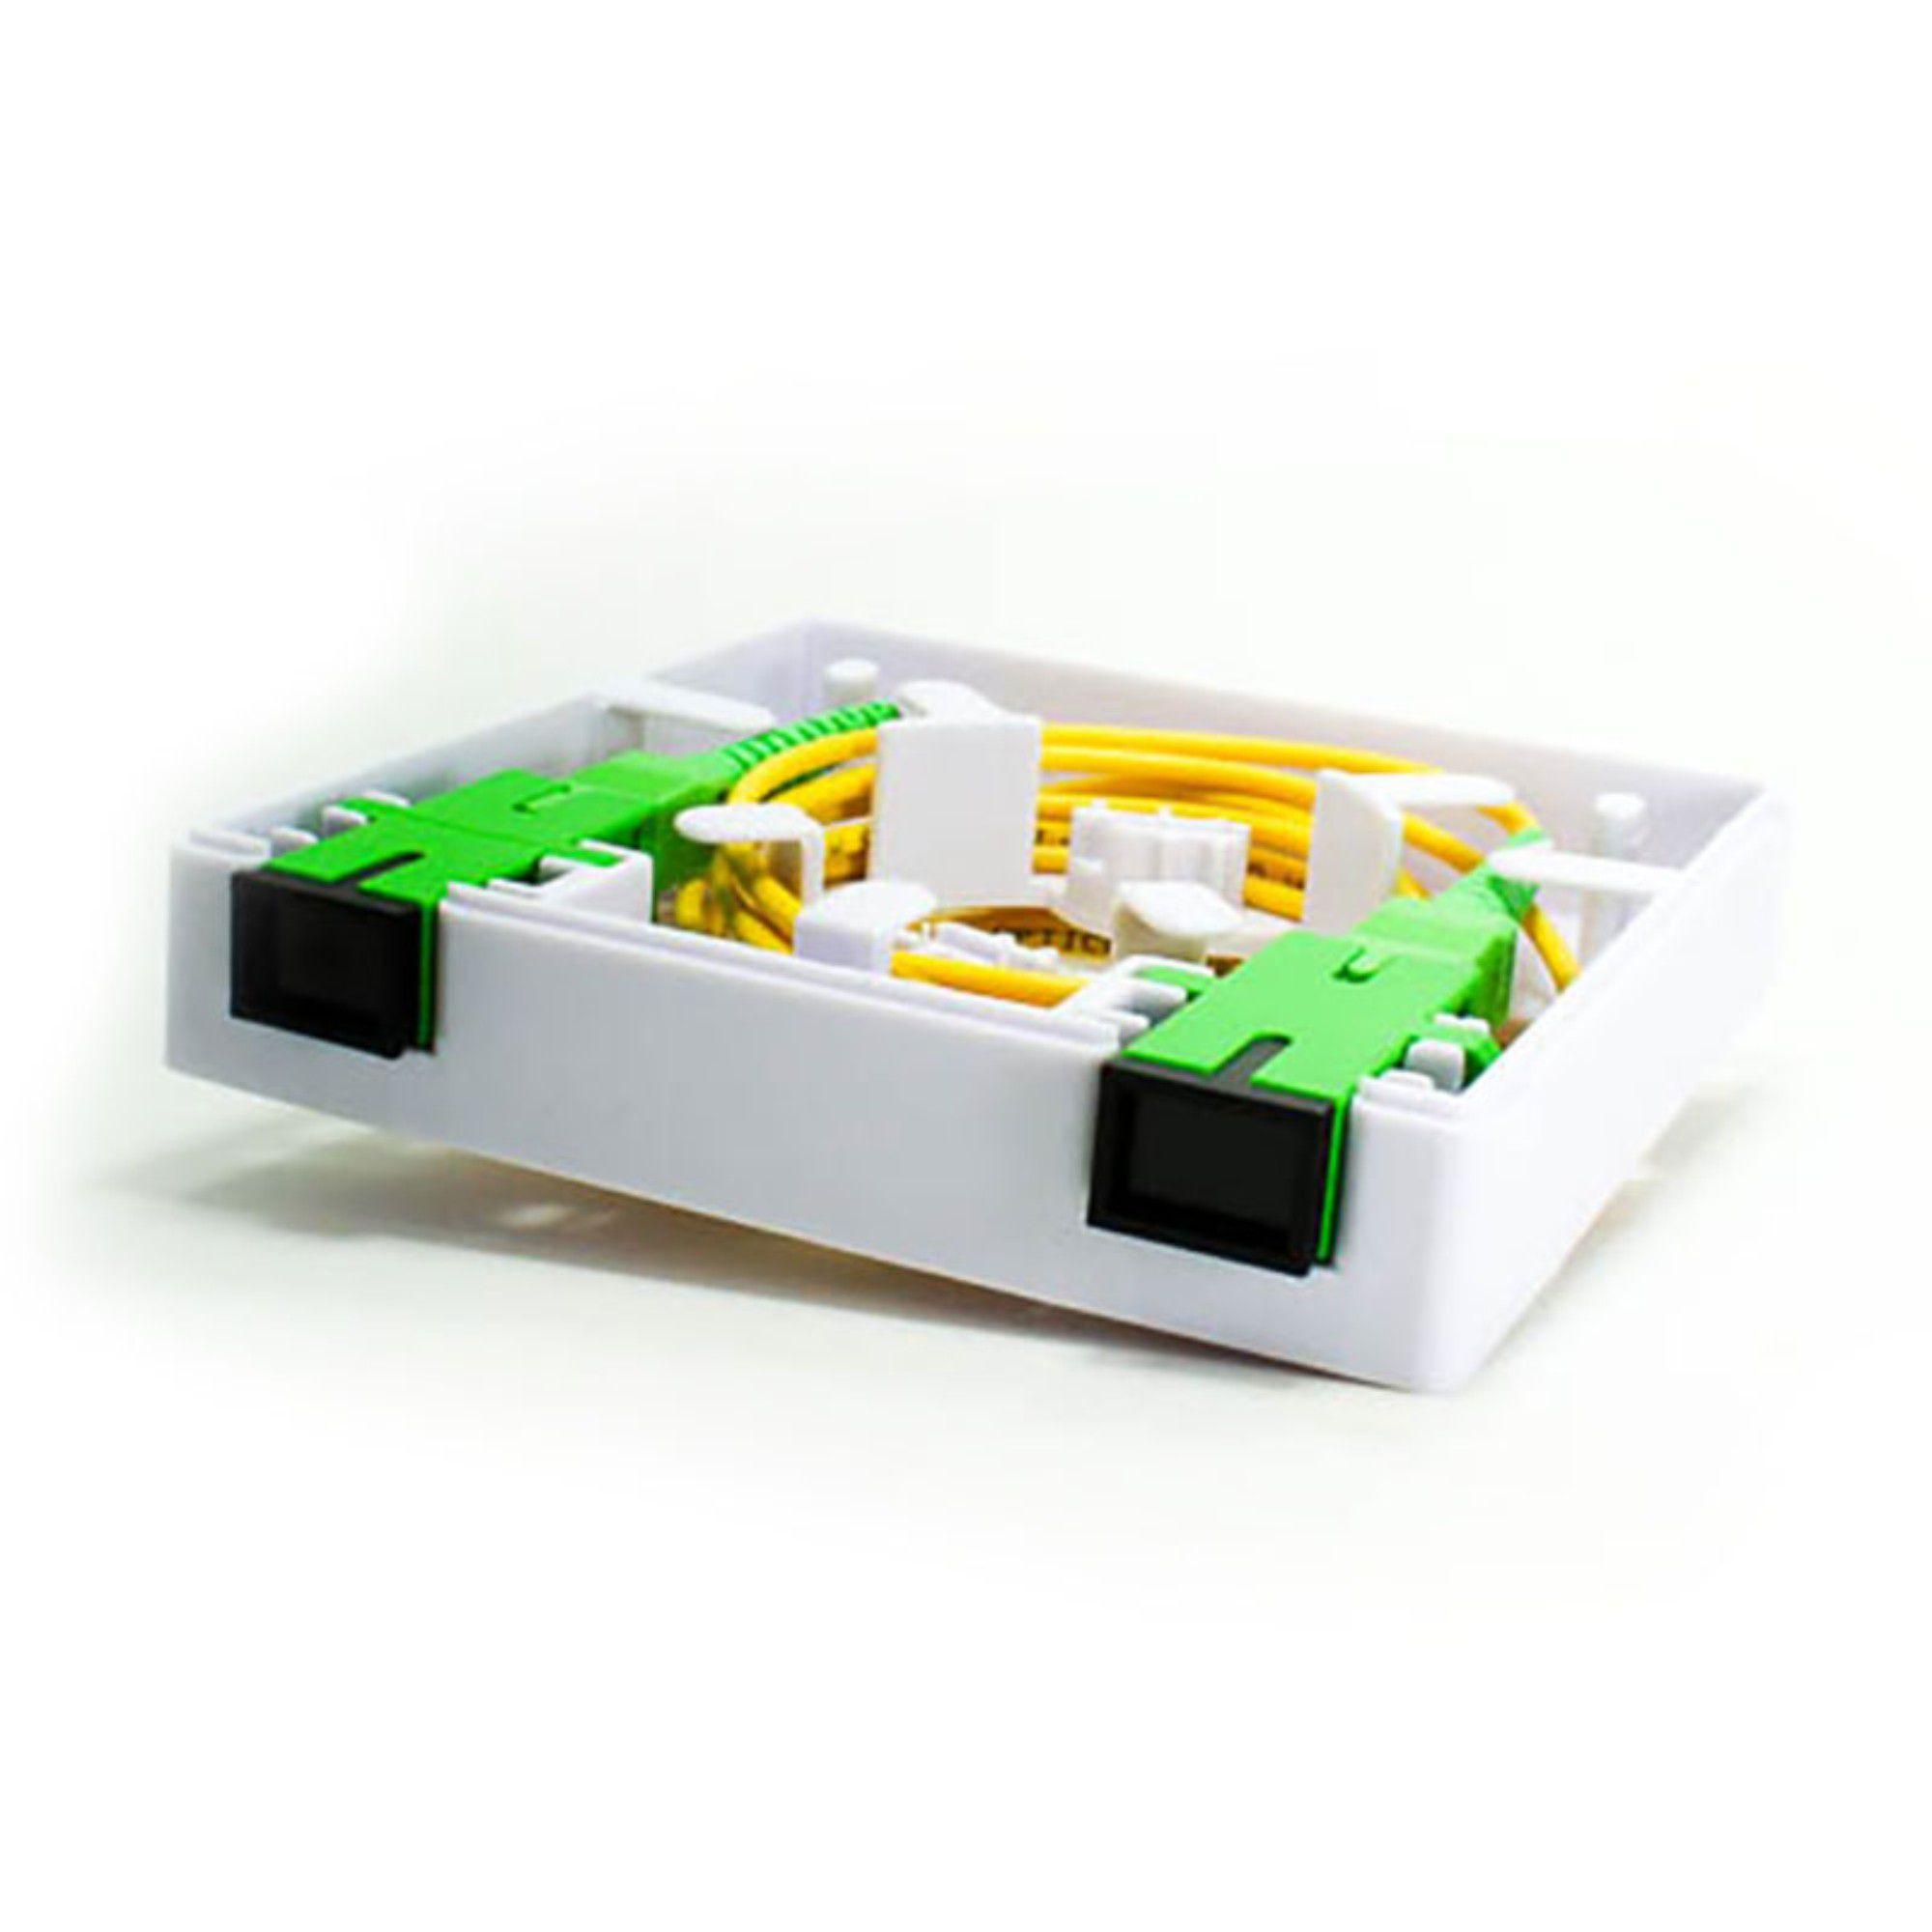 Caixa de Terminação Roseta Fibra Óptica 2Flex C/ 2 Unidades